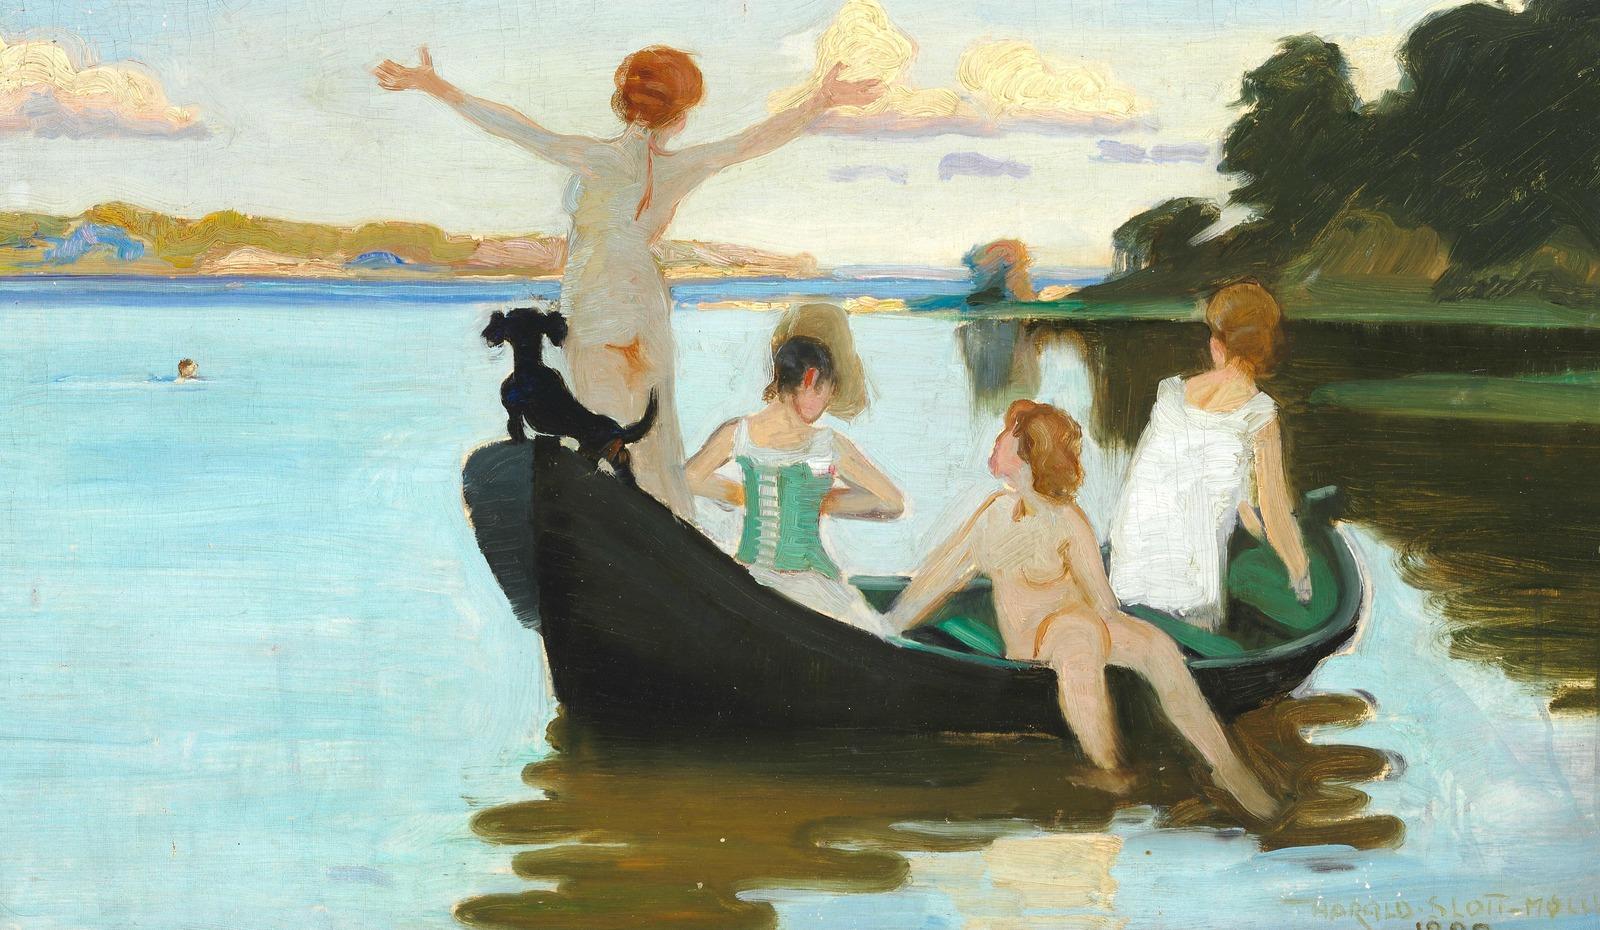 1890_Купание девушек в лодке в летний день перед заходом солнца (Bathing girls in a rowboat on a summer day just before sunset)_39 х 64_х.,м._Частное собрание.jpg